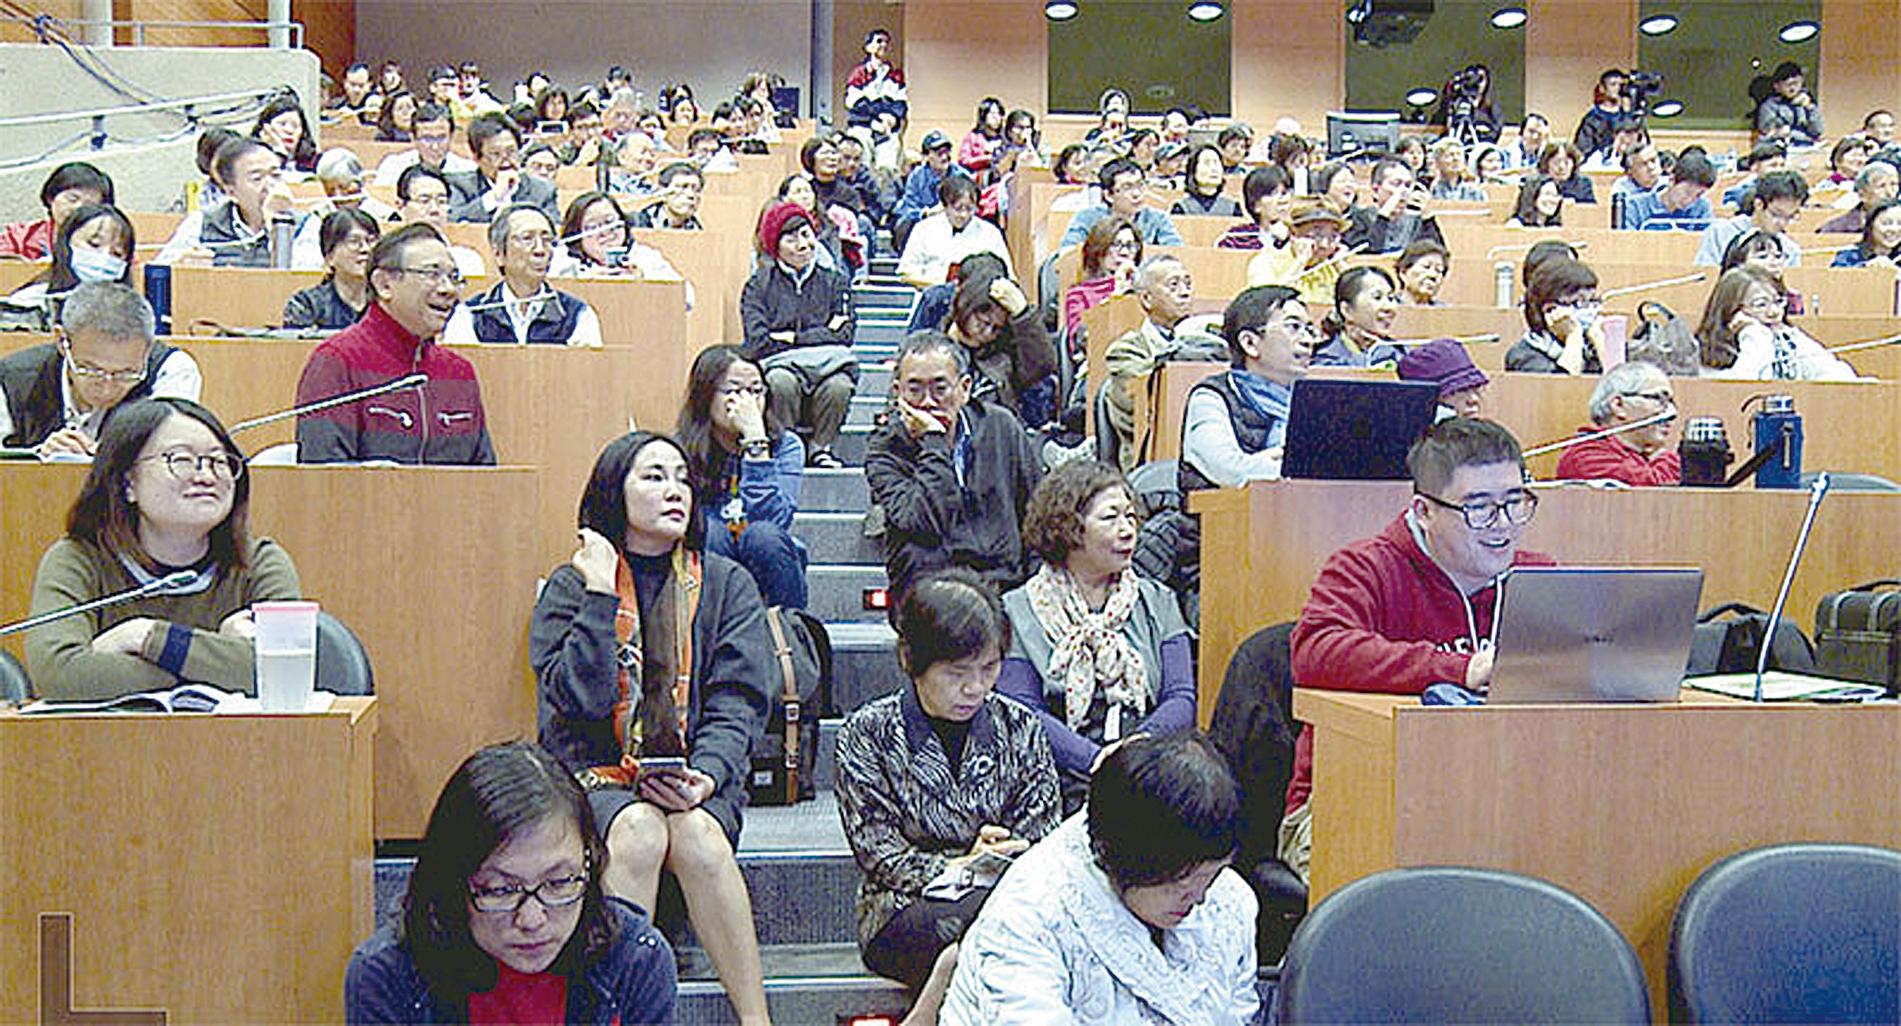 中華民國自由通訊傳播協會舉辦「美中持續熱戰 台灣如何是好?」論壇,圖為研討會的觀眾。(自由通訊傳播協會)